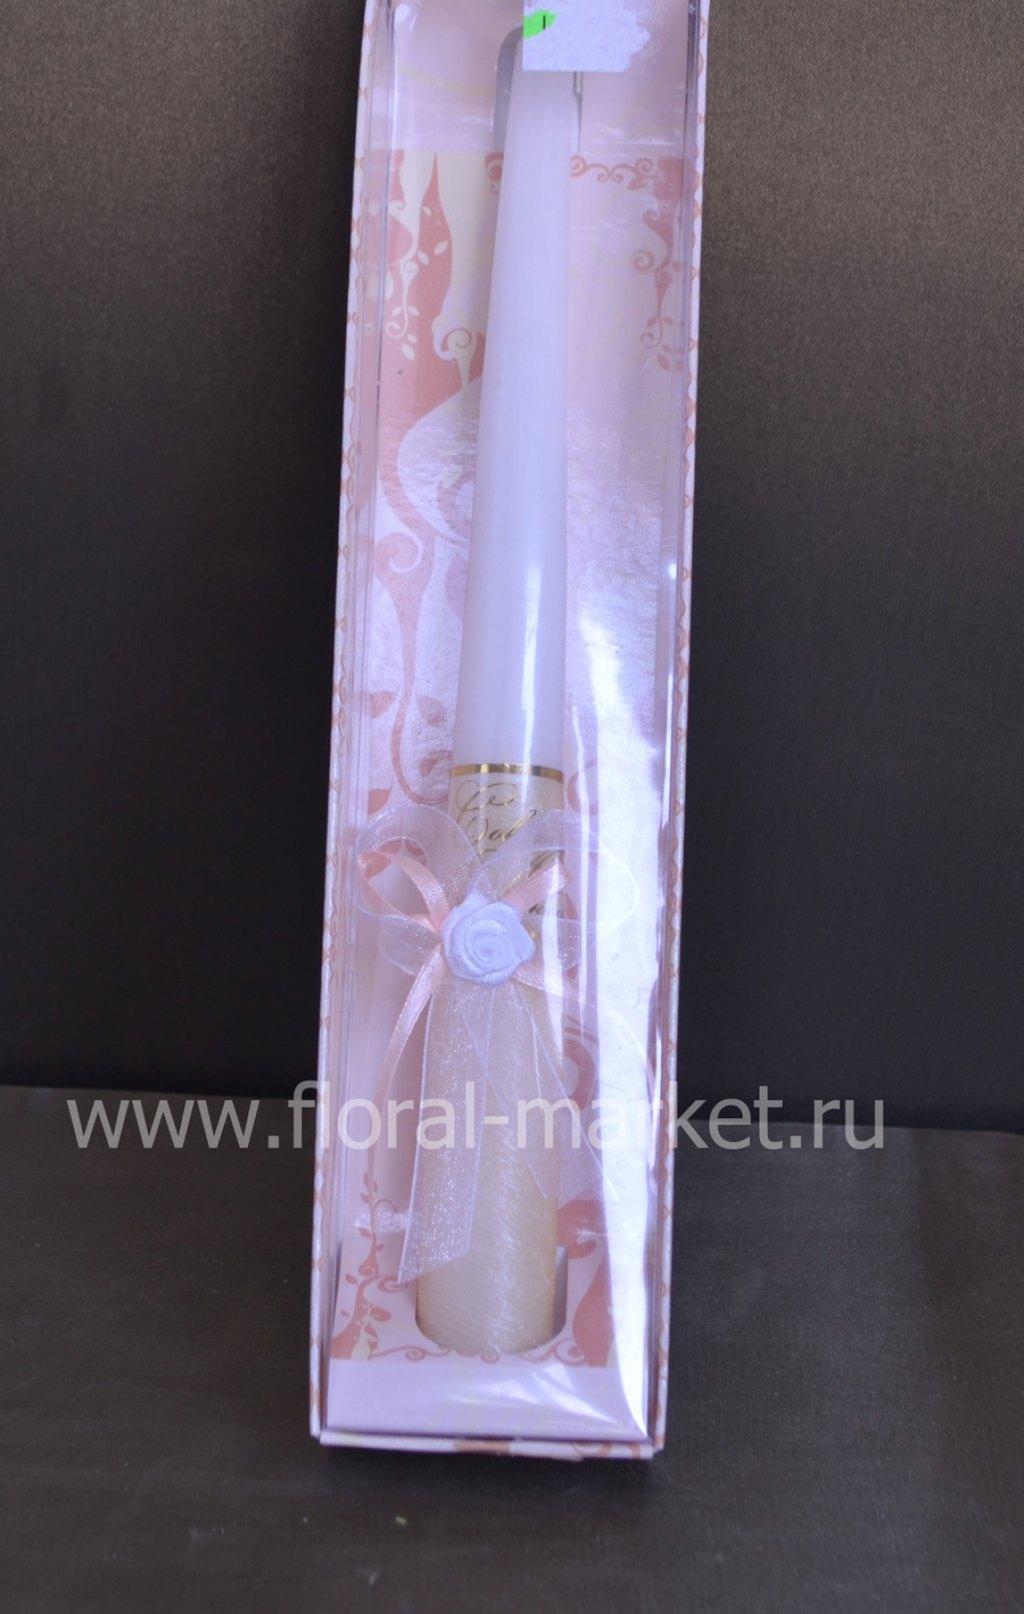 С7966 Свеча античная свадебная персиковая